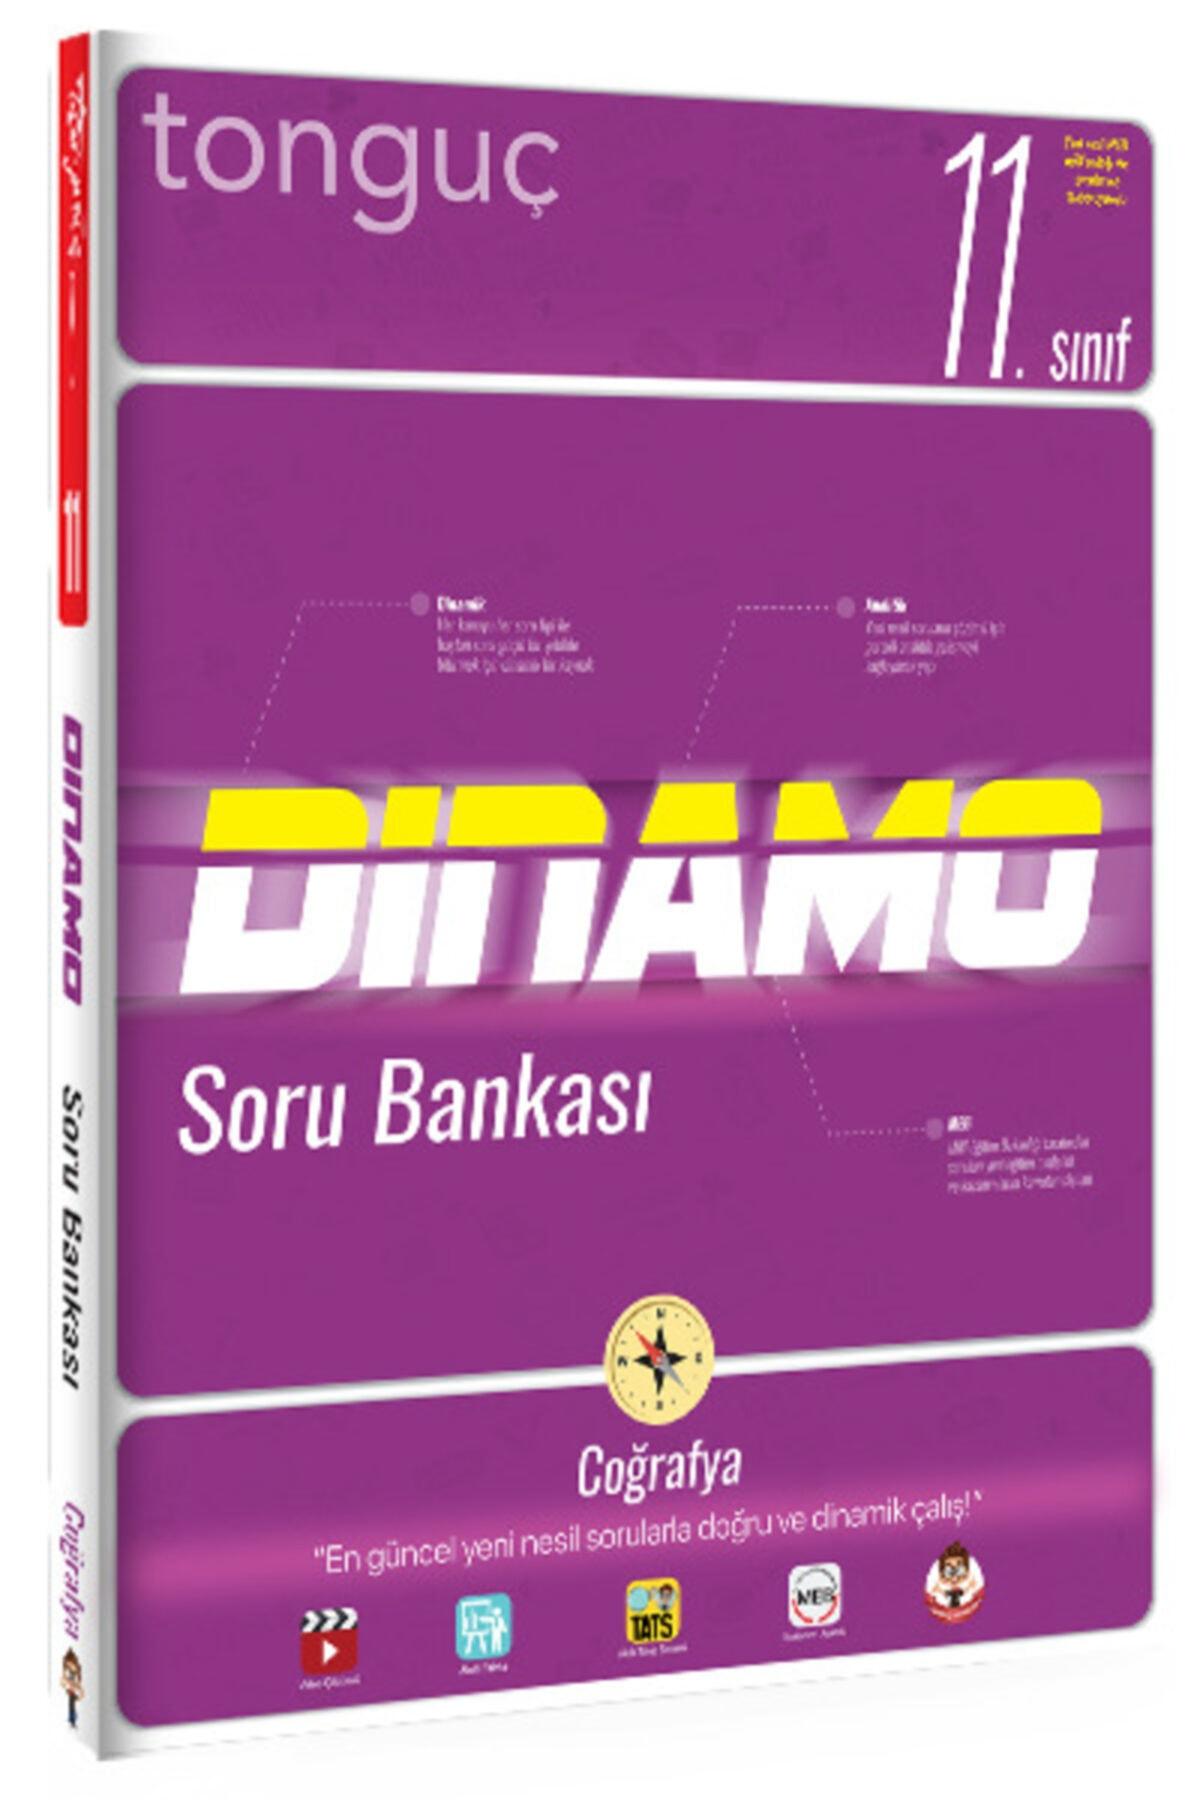 11.sınıf Dinamo Coğrafya Soru Bankası